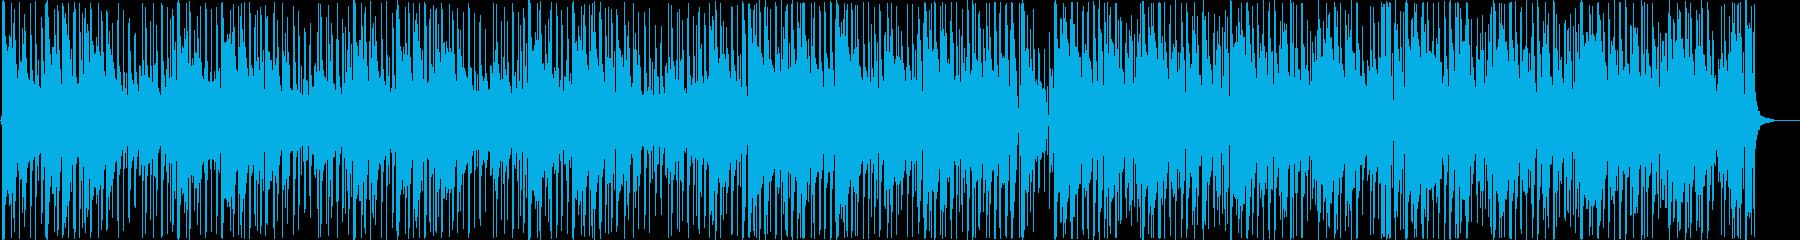 夜や日常をイメージしたアコギBGMの再生済みの波形